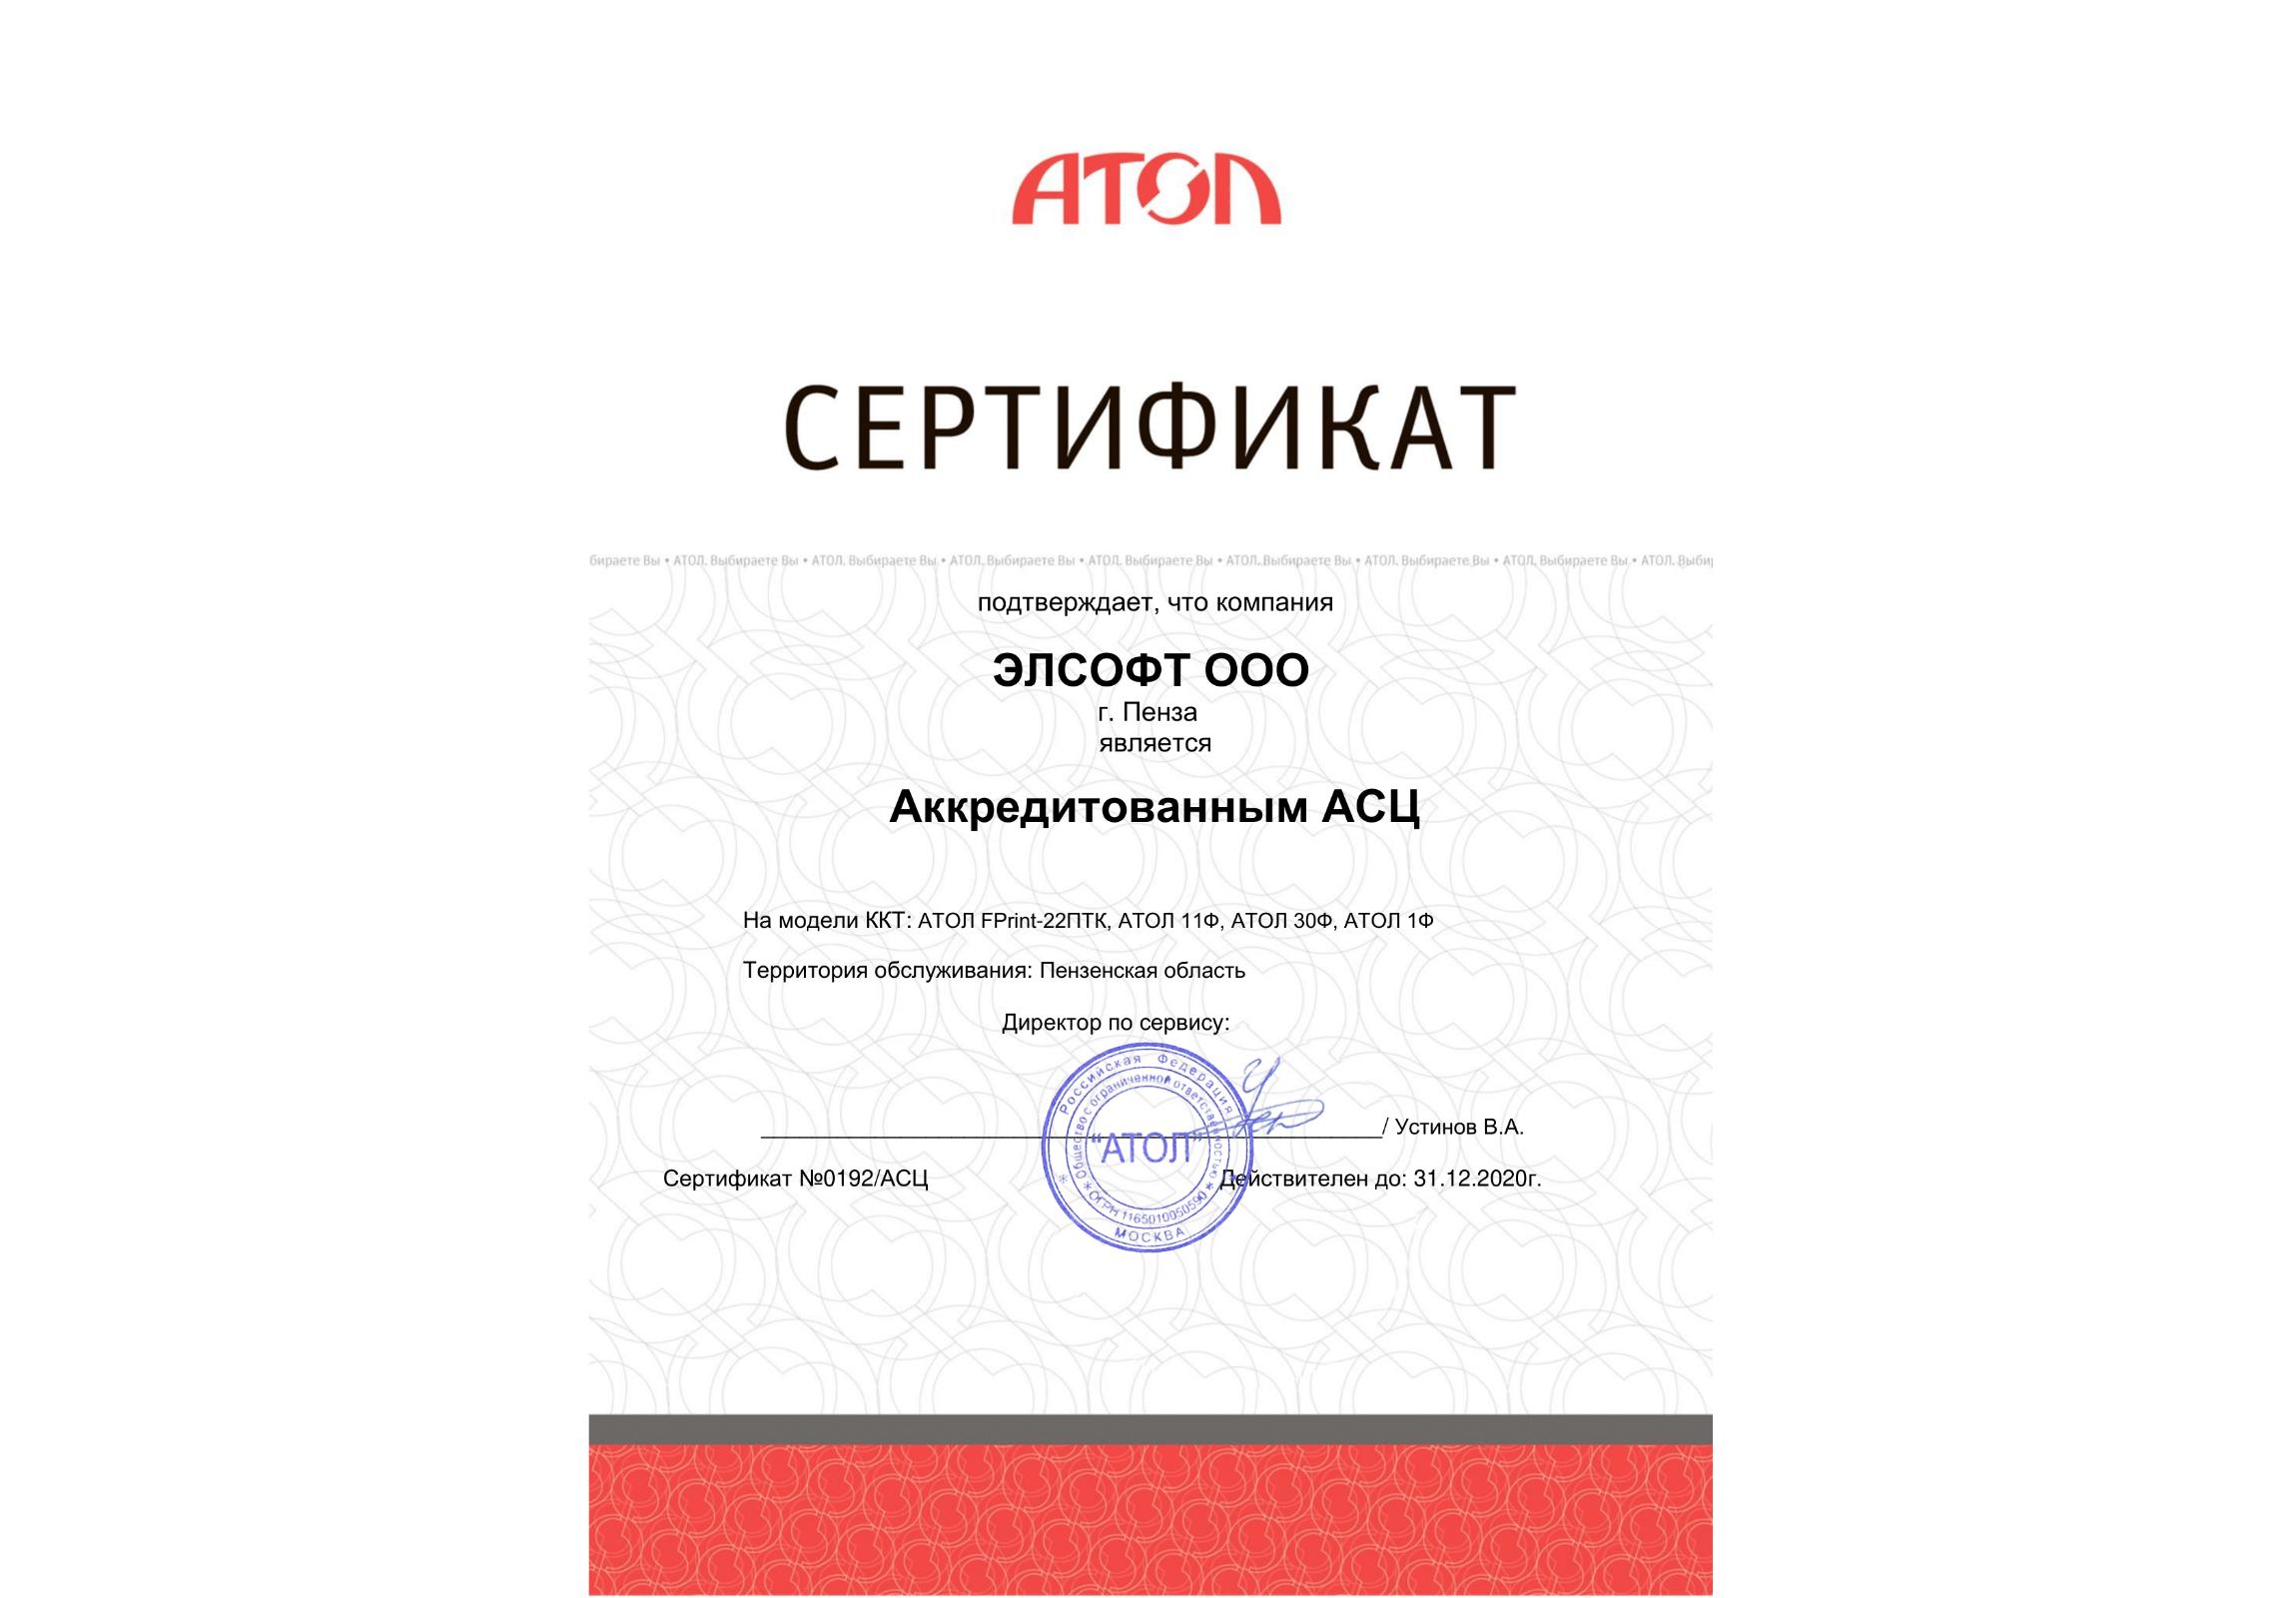 Сертификат аккердитированного АСЦ